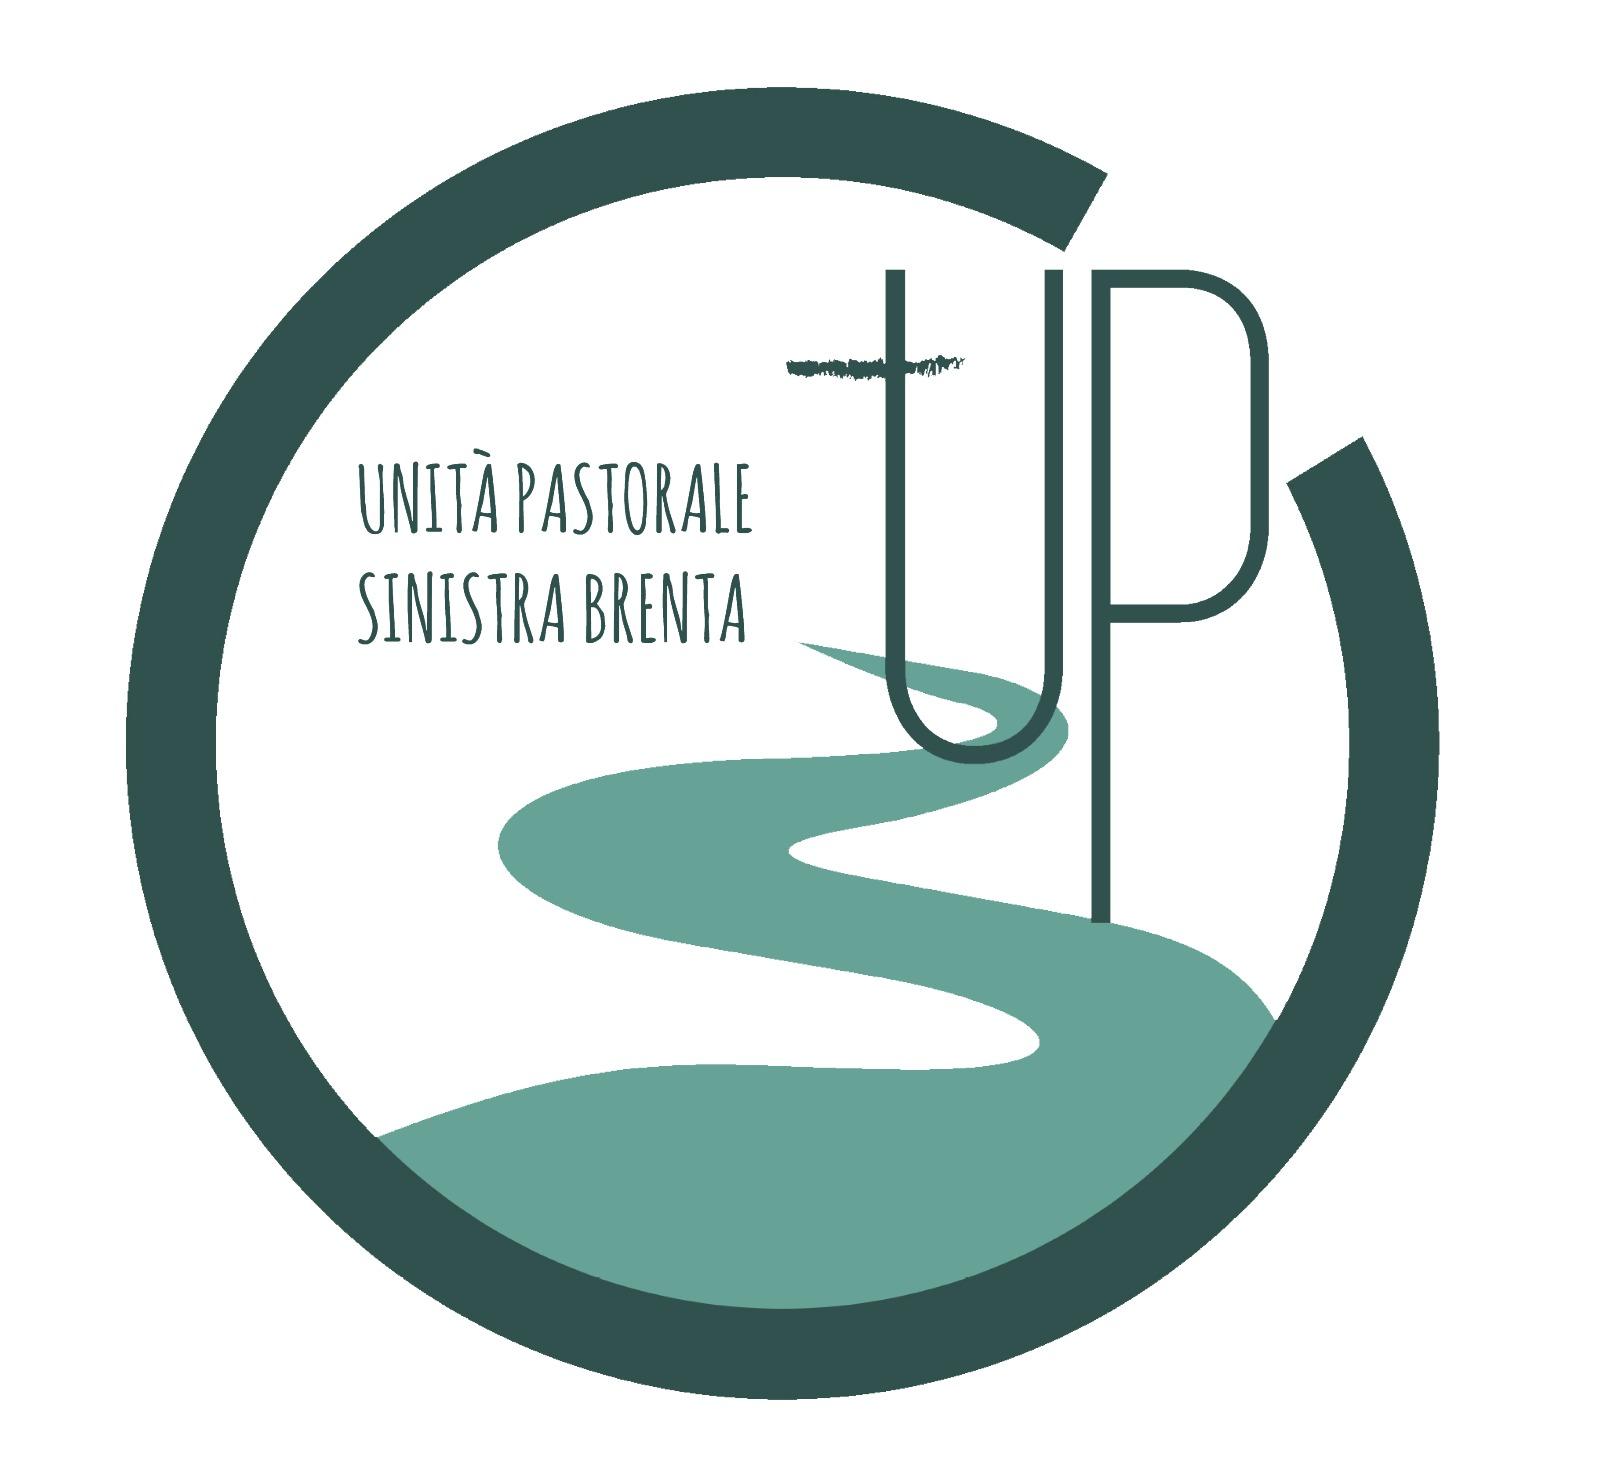 UP Sinistra Brenta – Parrocchia di San Vito – Bassano del Grappa (Vi)